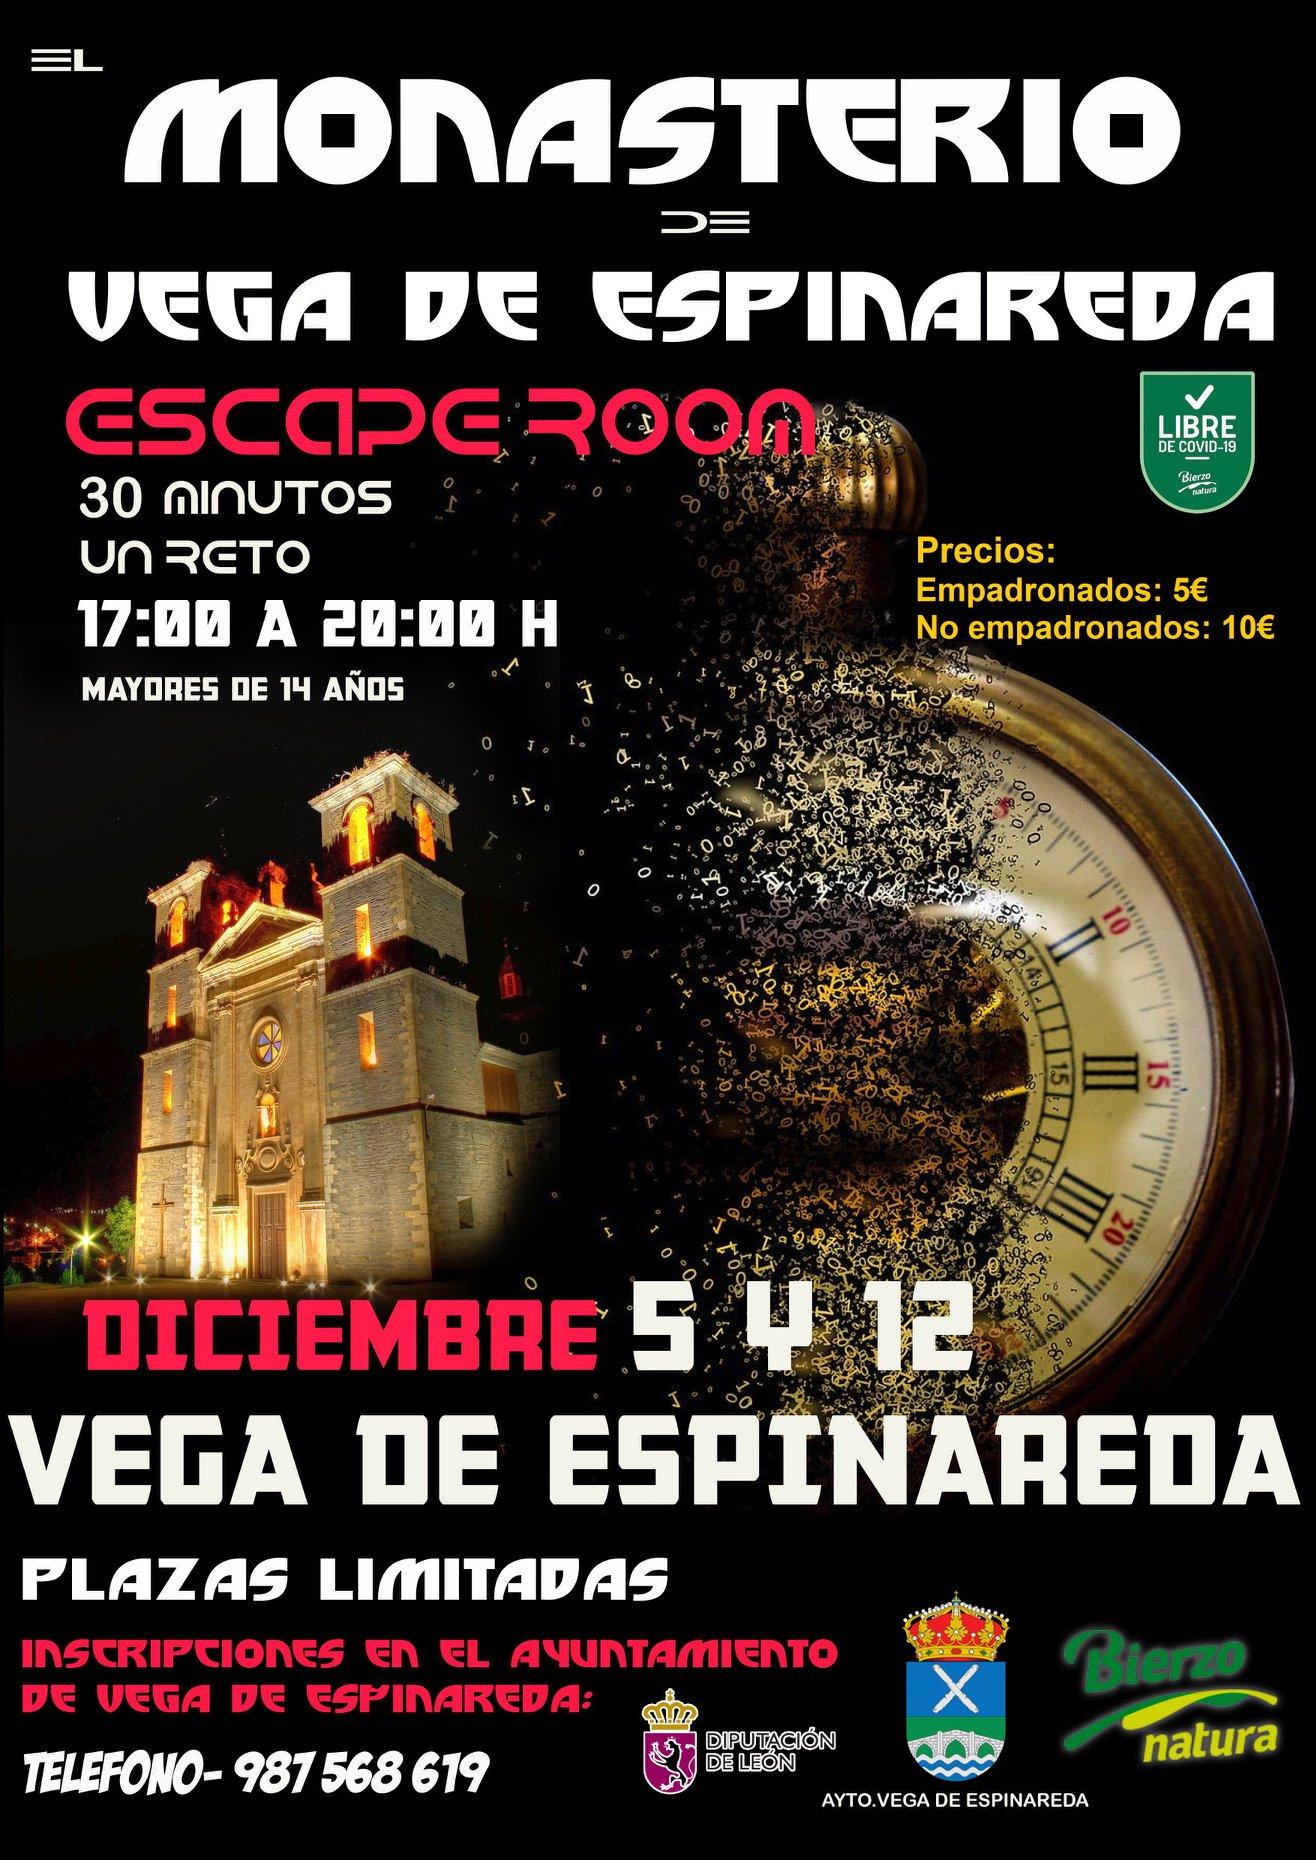 Scape Room en el Monasterio de Vega de Espinareda